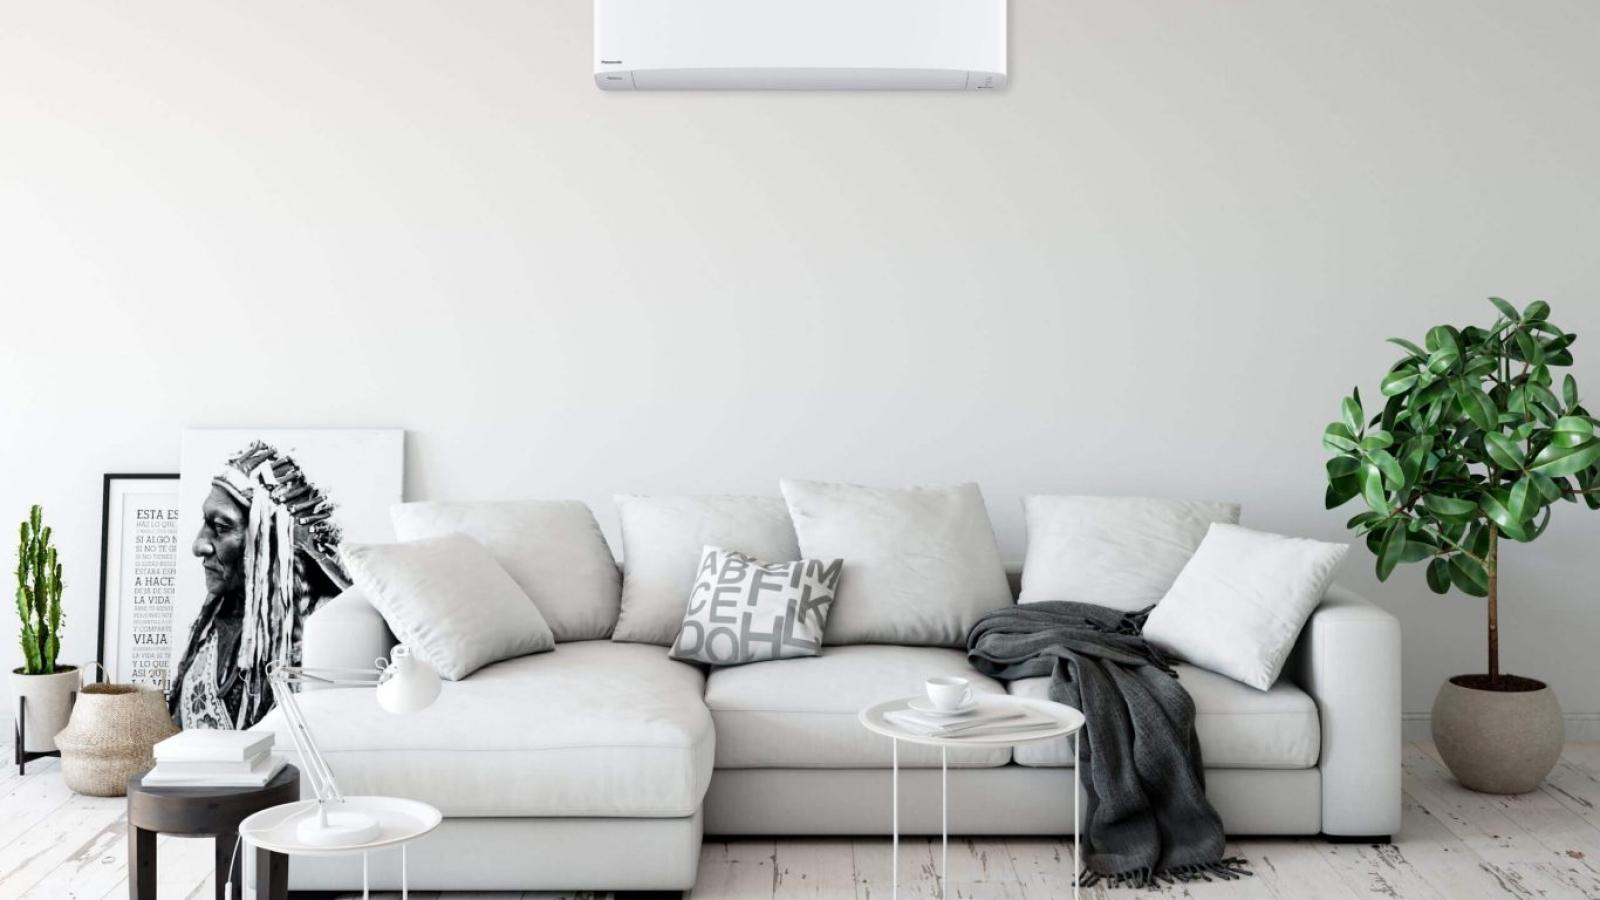 Cách sử dụng điều hòa nhiệt độ hiệu quả và tiết kiệm